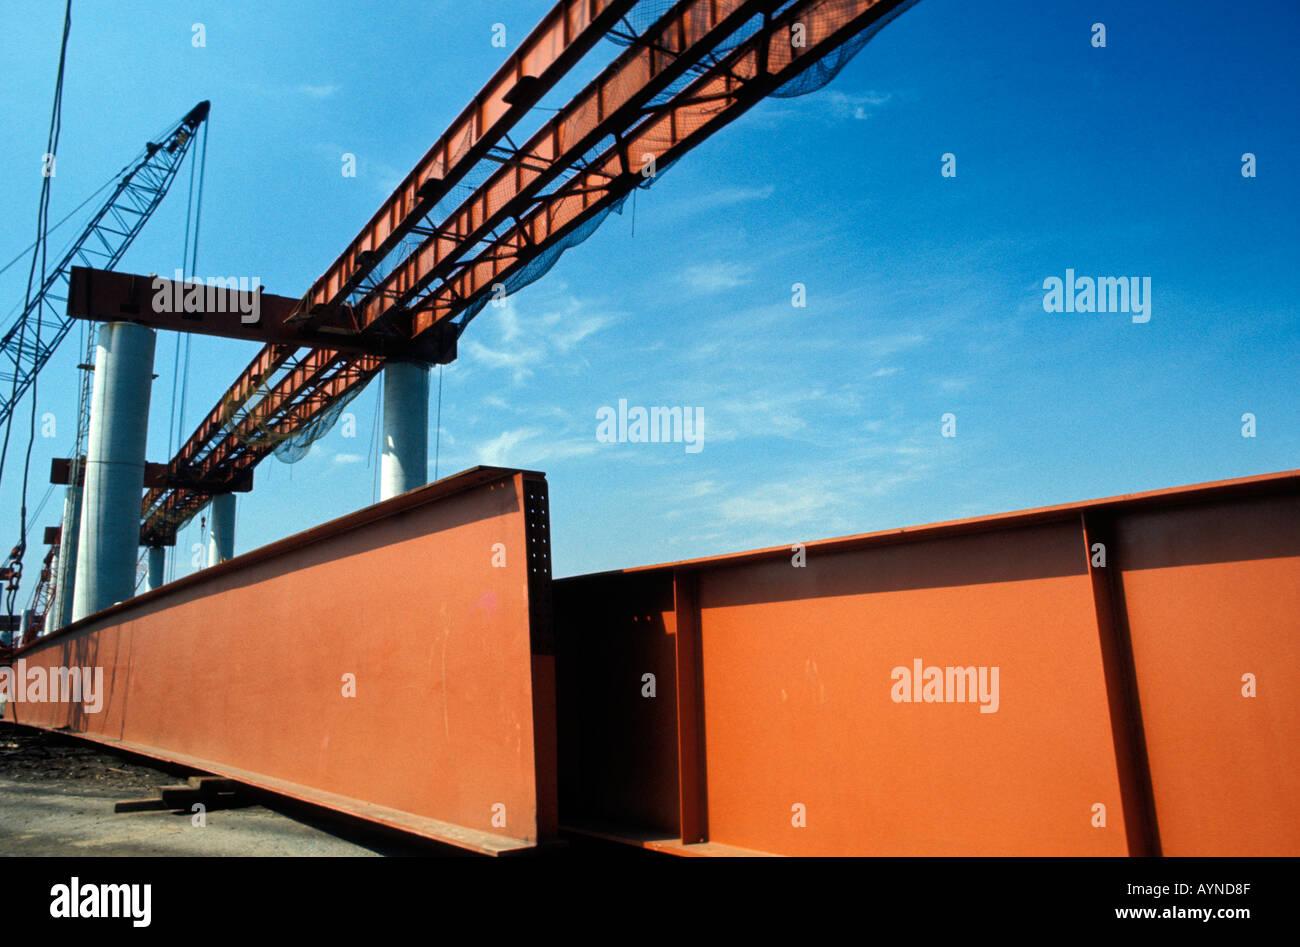 Stahlträger inszeniert und wartet für einen Overhead Autobahn Bauvorhaben gestellt werden Stockbild